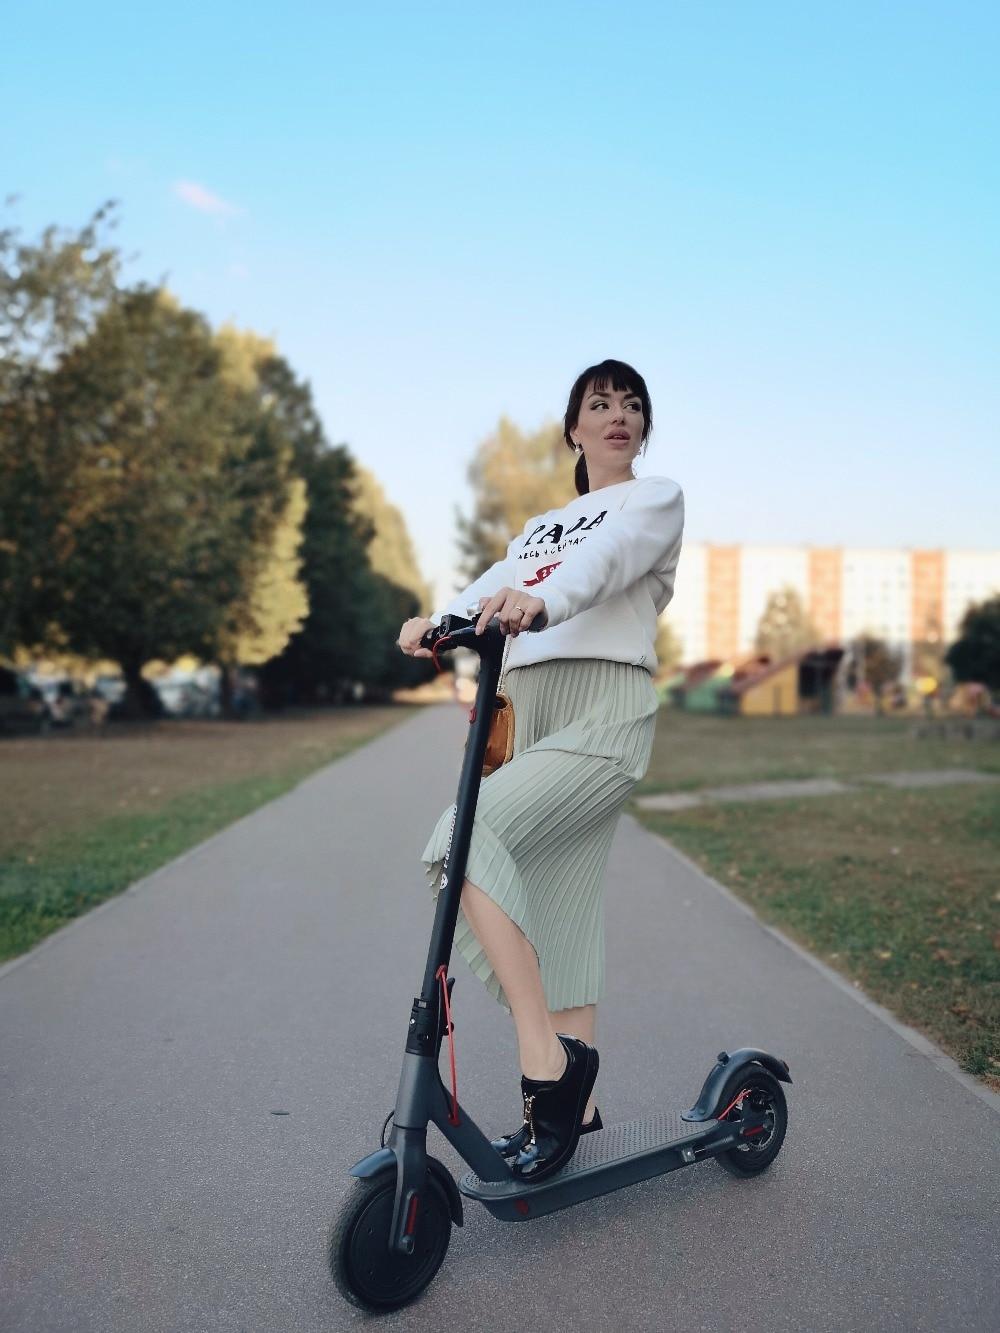 Superteff EW6 электроный скутер 30 км складной kiki скутер 8,5 дюймов массивная шина два колеса самоката легко носить с собой и хранения